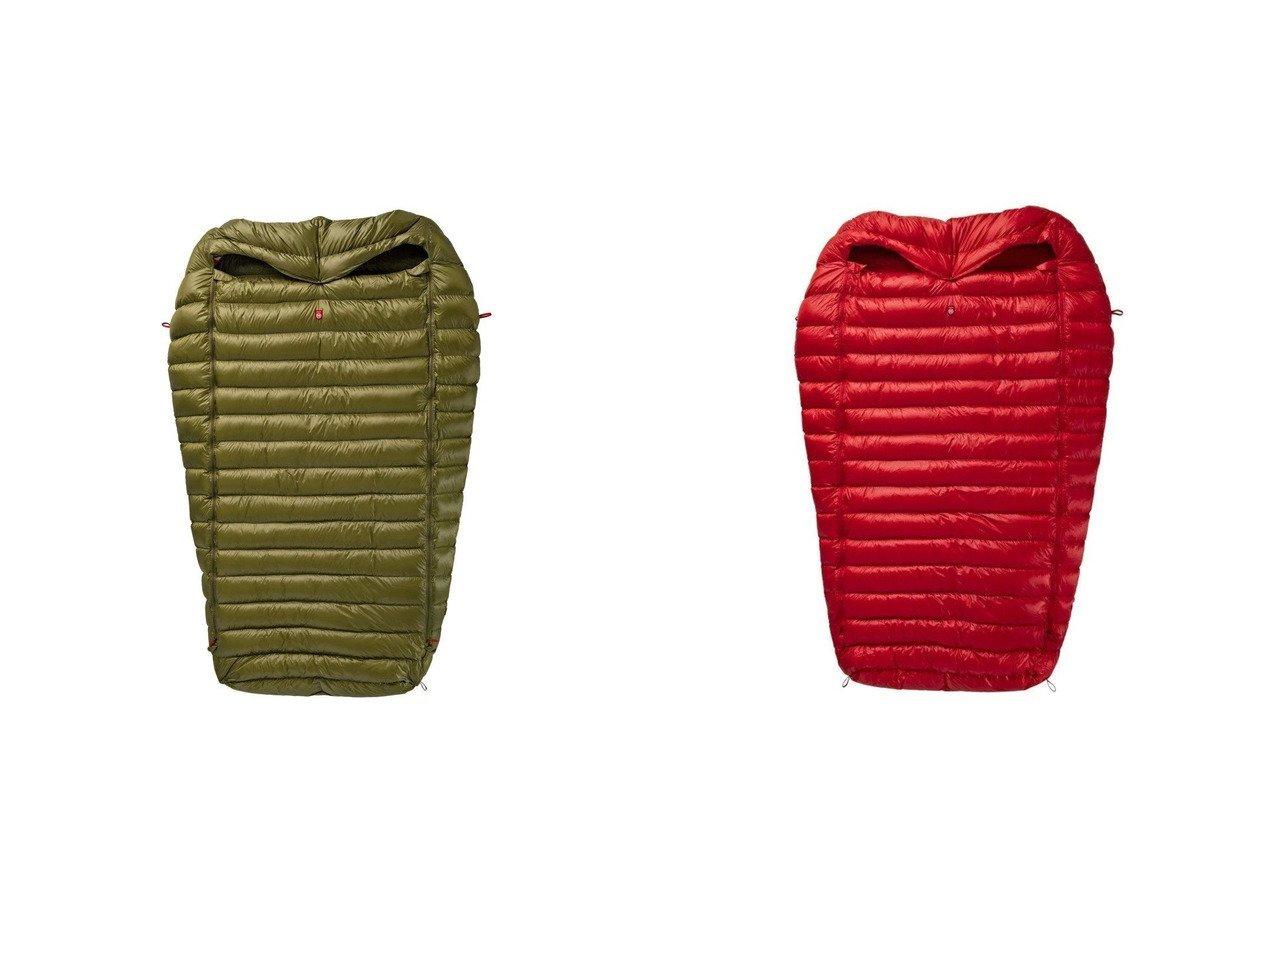 【PAJAK/パヤク】のシュラフ 寝袋 マミー ダウン QUEST-4TWO-Olive&シュラフ 寝袋 マミー ダウン QUEST-4TWO-Red おすすめ!人気キャンプ・アウトドア用品の通販 おすすめで人気の流行・トレンド、ファッションの通販商品 メンズファッション・キッズファッション・インテリア・家具・レディースファッション・服の通販 founy(ファニー) https://founy.com/ A/W・秋冬 AW・Autumn/Winter・FW・Fall-Winter ダウン ホーム・キャンプ・アウトドア Home,Garden,Outdoor,Camping Gear キャンプ用品・アウトドア  Camping Gear & Outdoor Supplies 寝具 シュラフ 枕 Schlaf, Sleeping bag, Pillow |ID:crp329100000034784